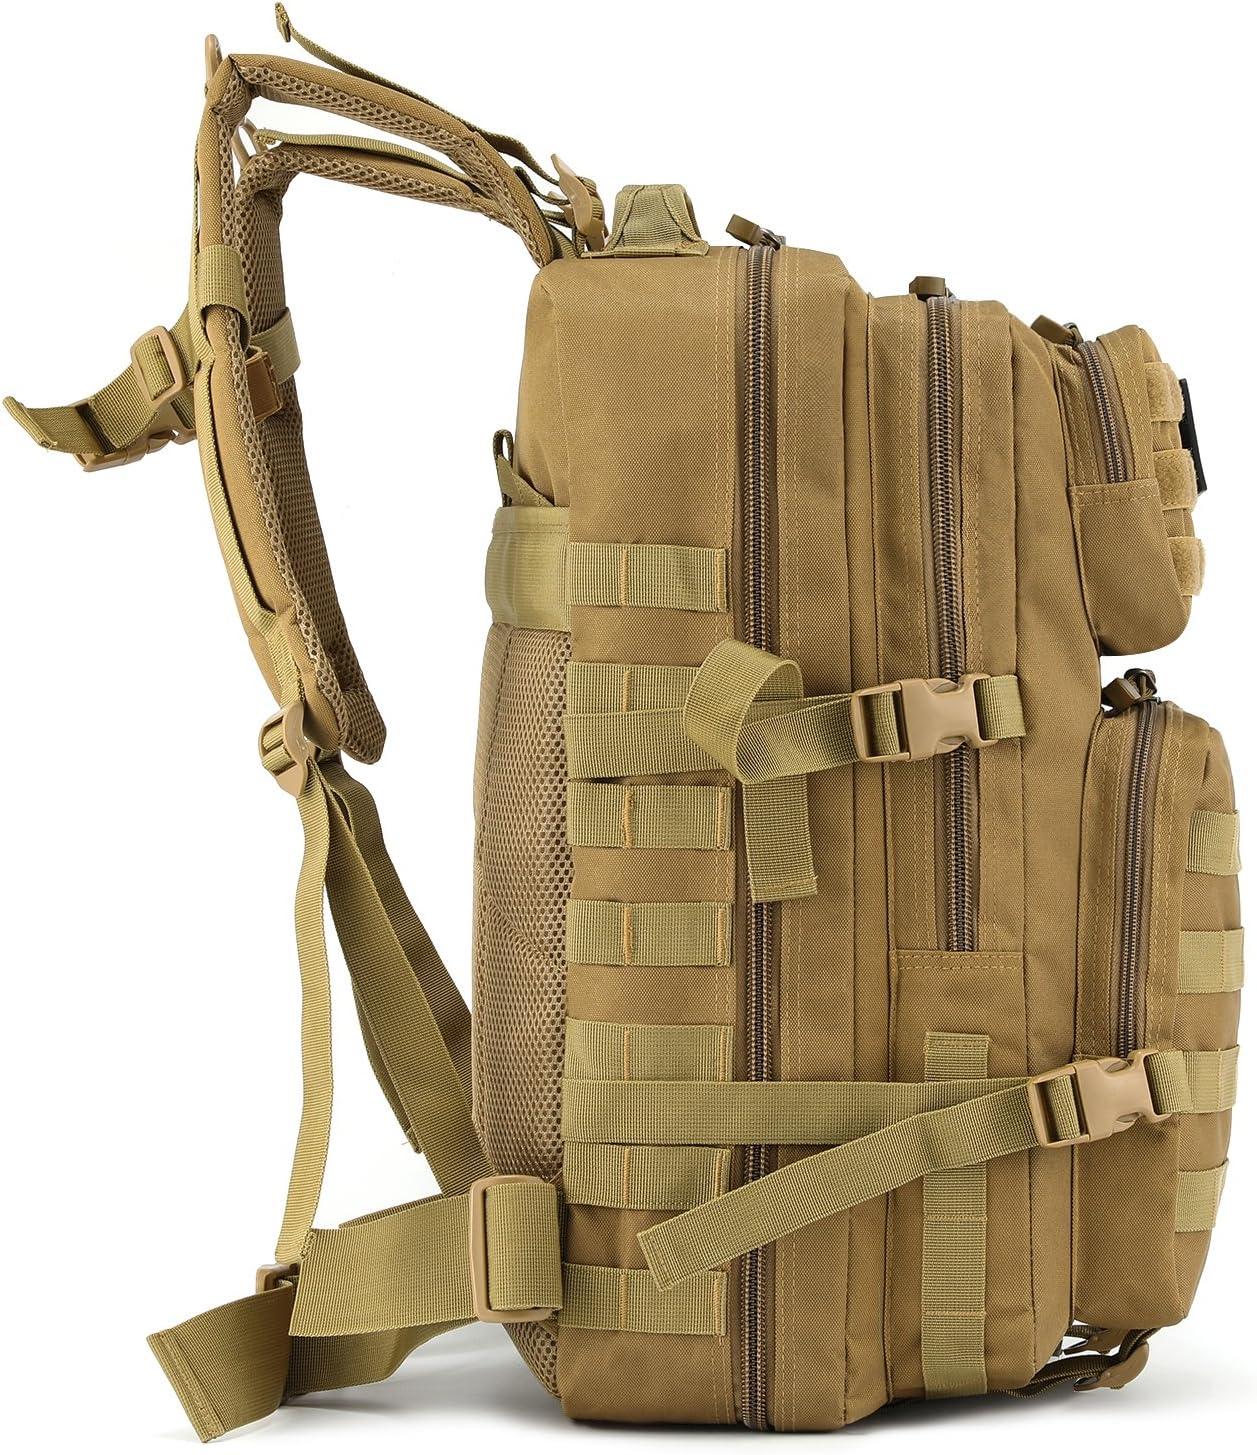 Barbarians Gonex 35L Sac /à Dos Sport Militaire Sac Tactique Sac Journ/ée Imperm/éable pour Camping Randonn/ée Compartiment pour Ordinateur Portable Kaki